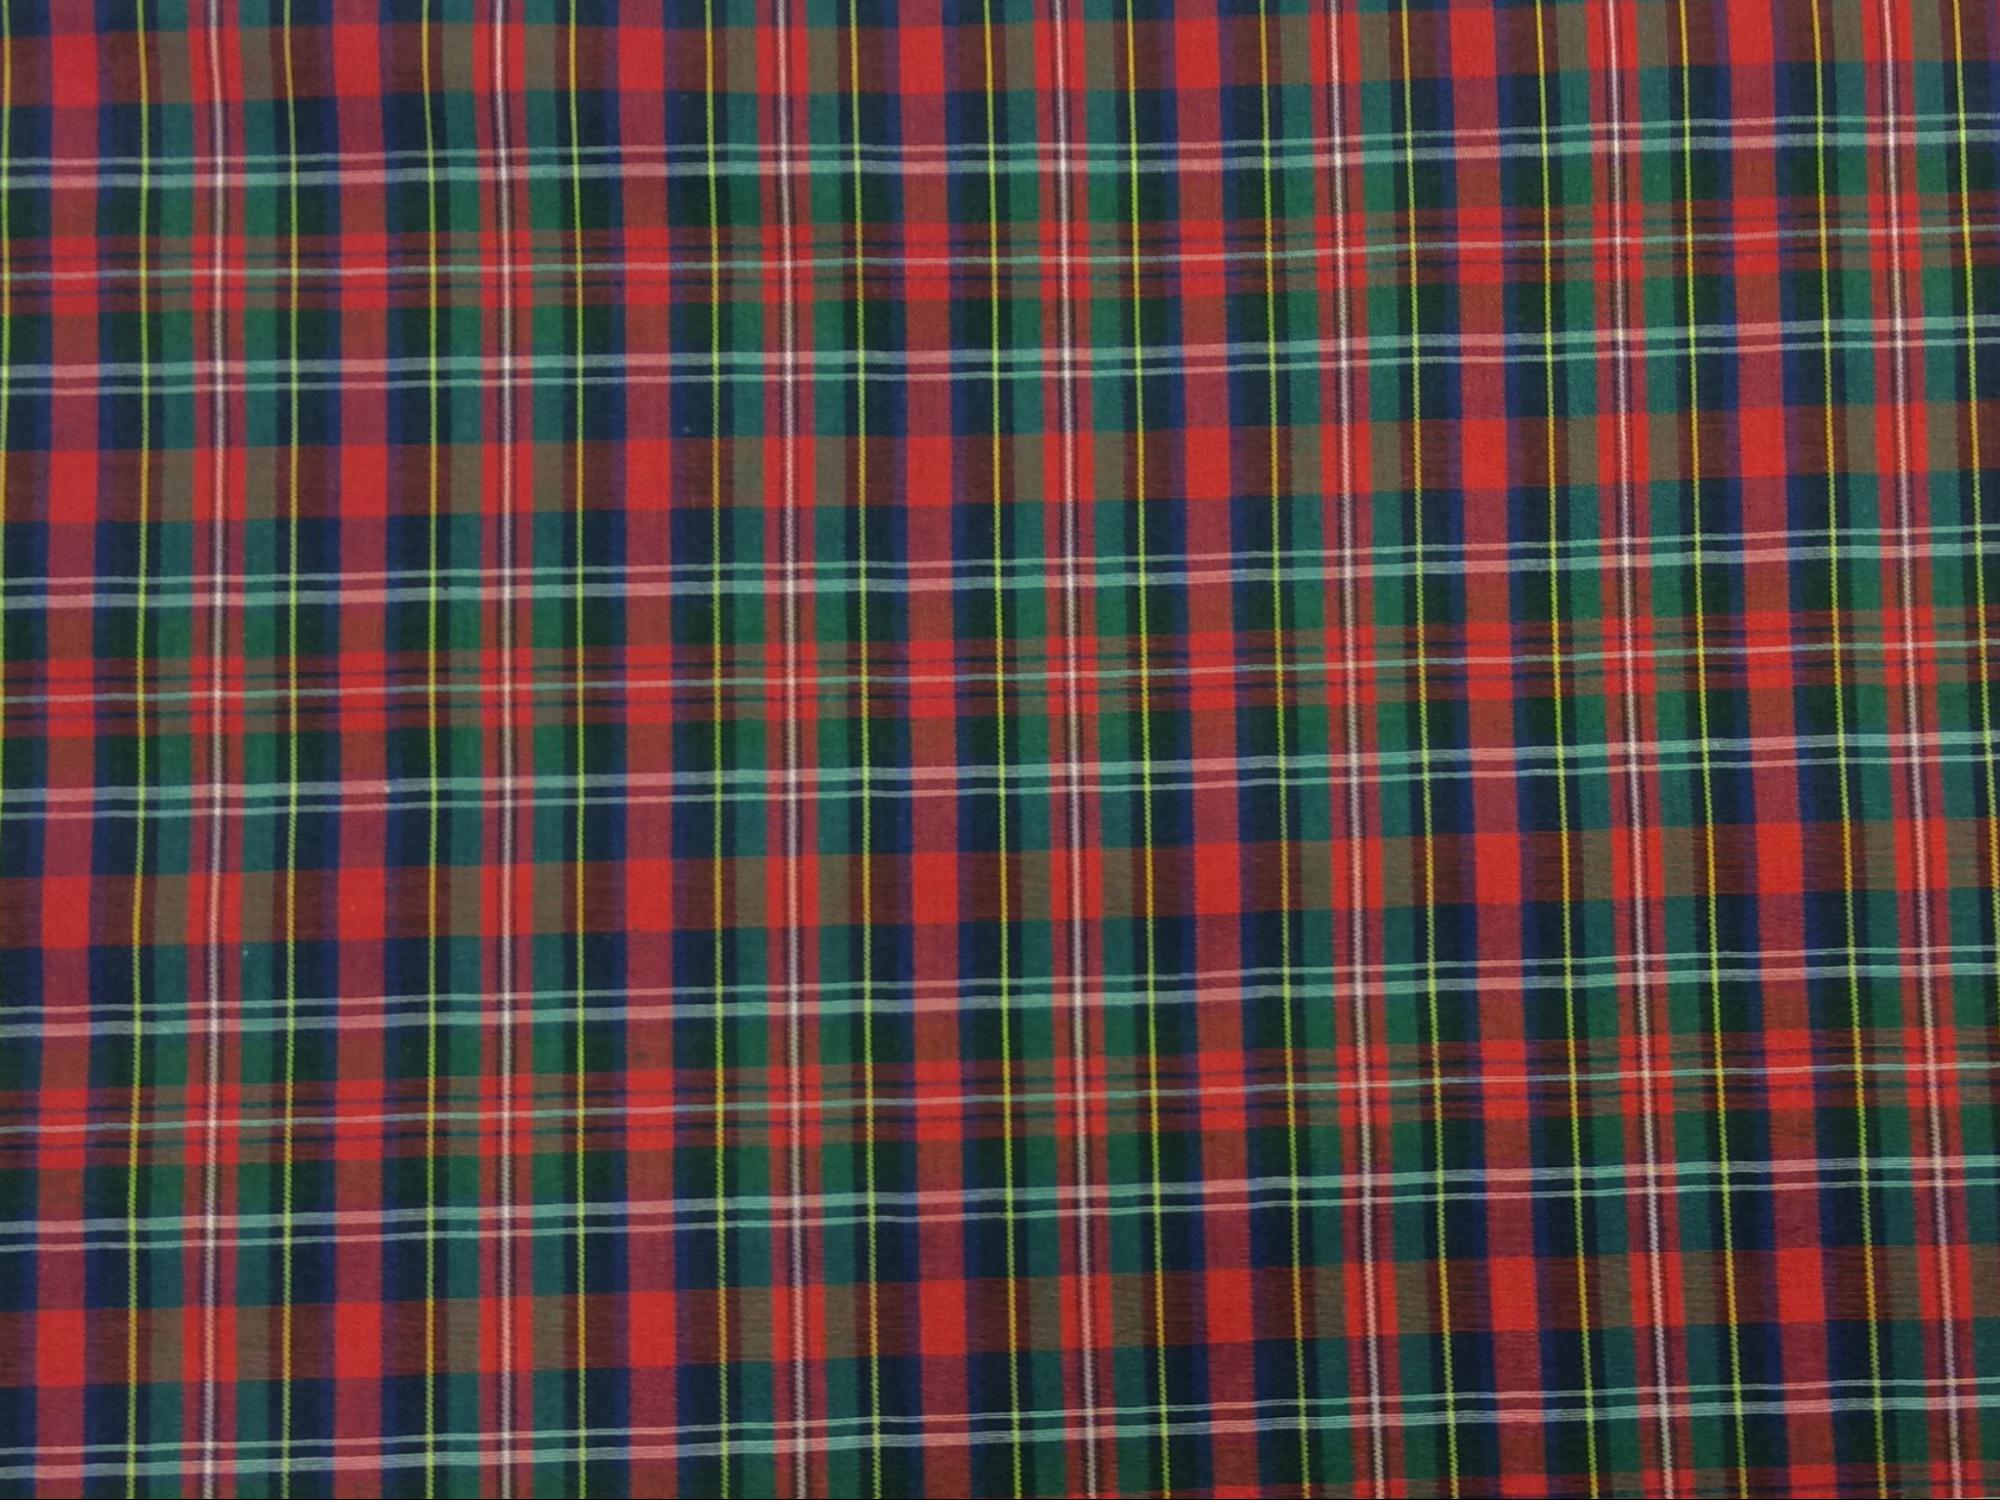 Tartan Plaid Mac Nab MacNab Clan Apparel Fabric Yarn Dyed Fabric FTP14